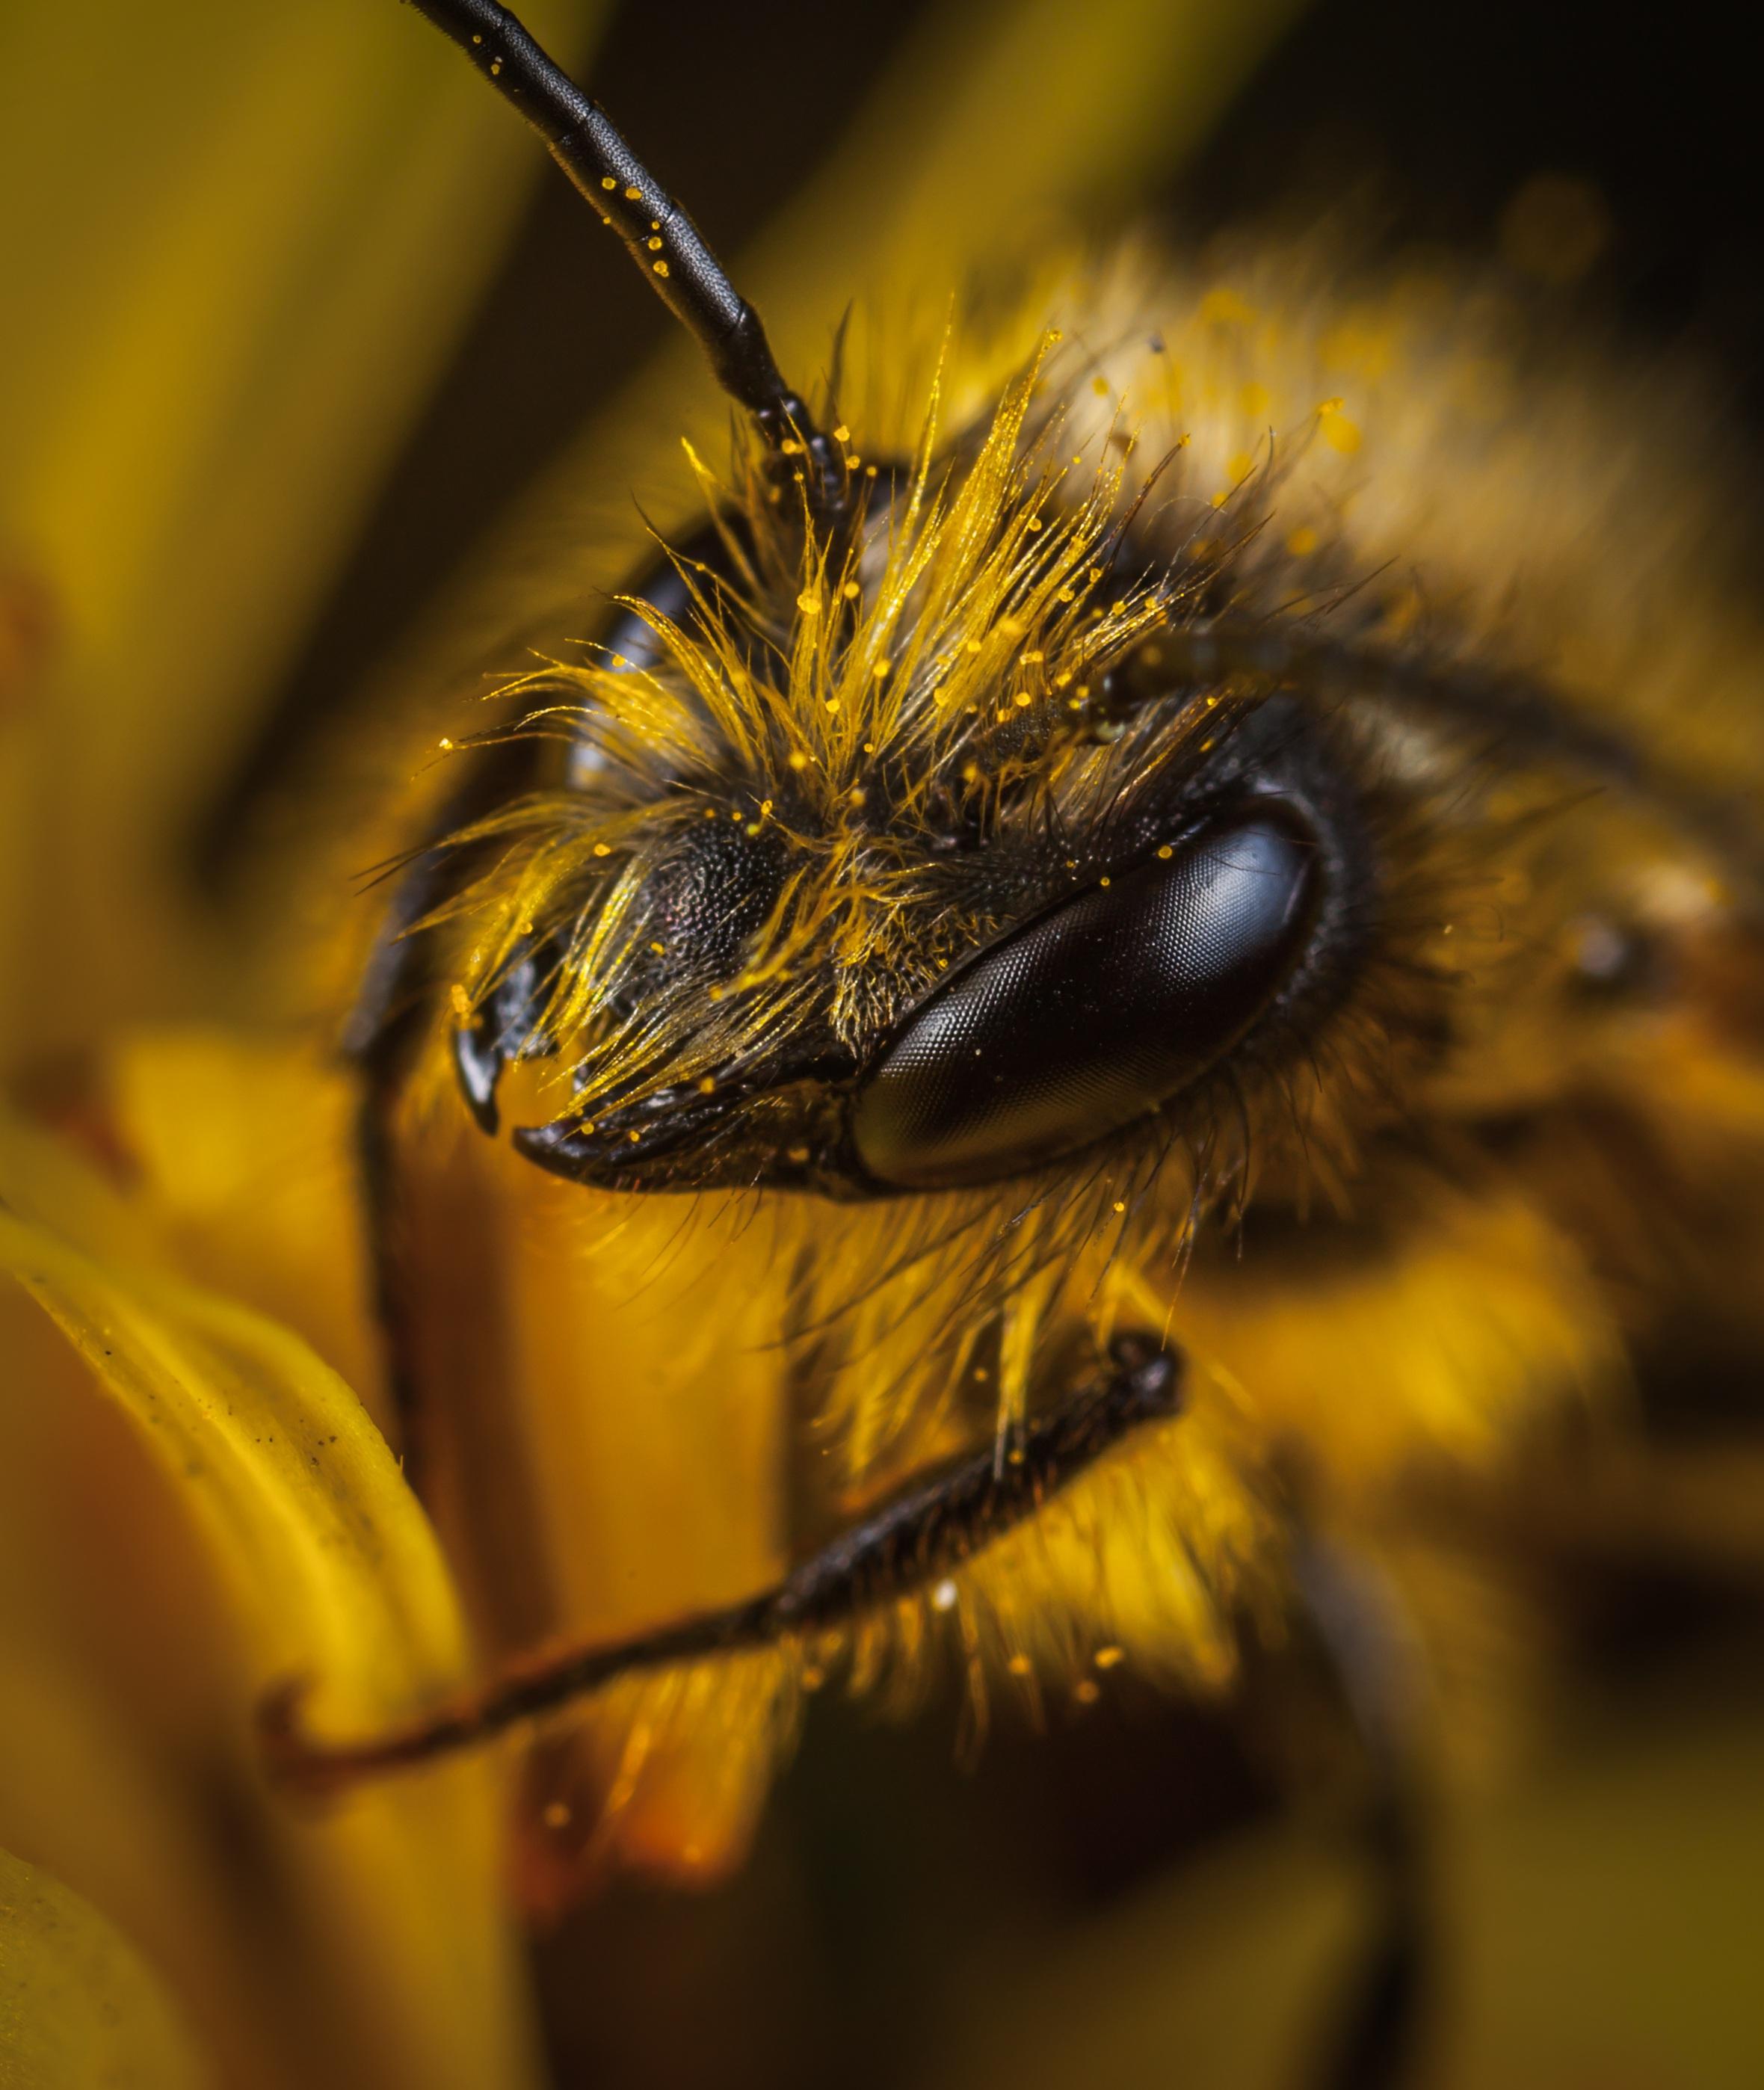 Großaufnahme einer Honigbiene